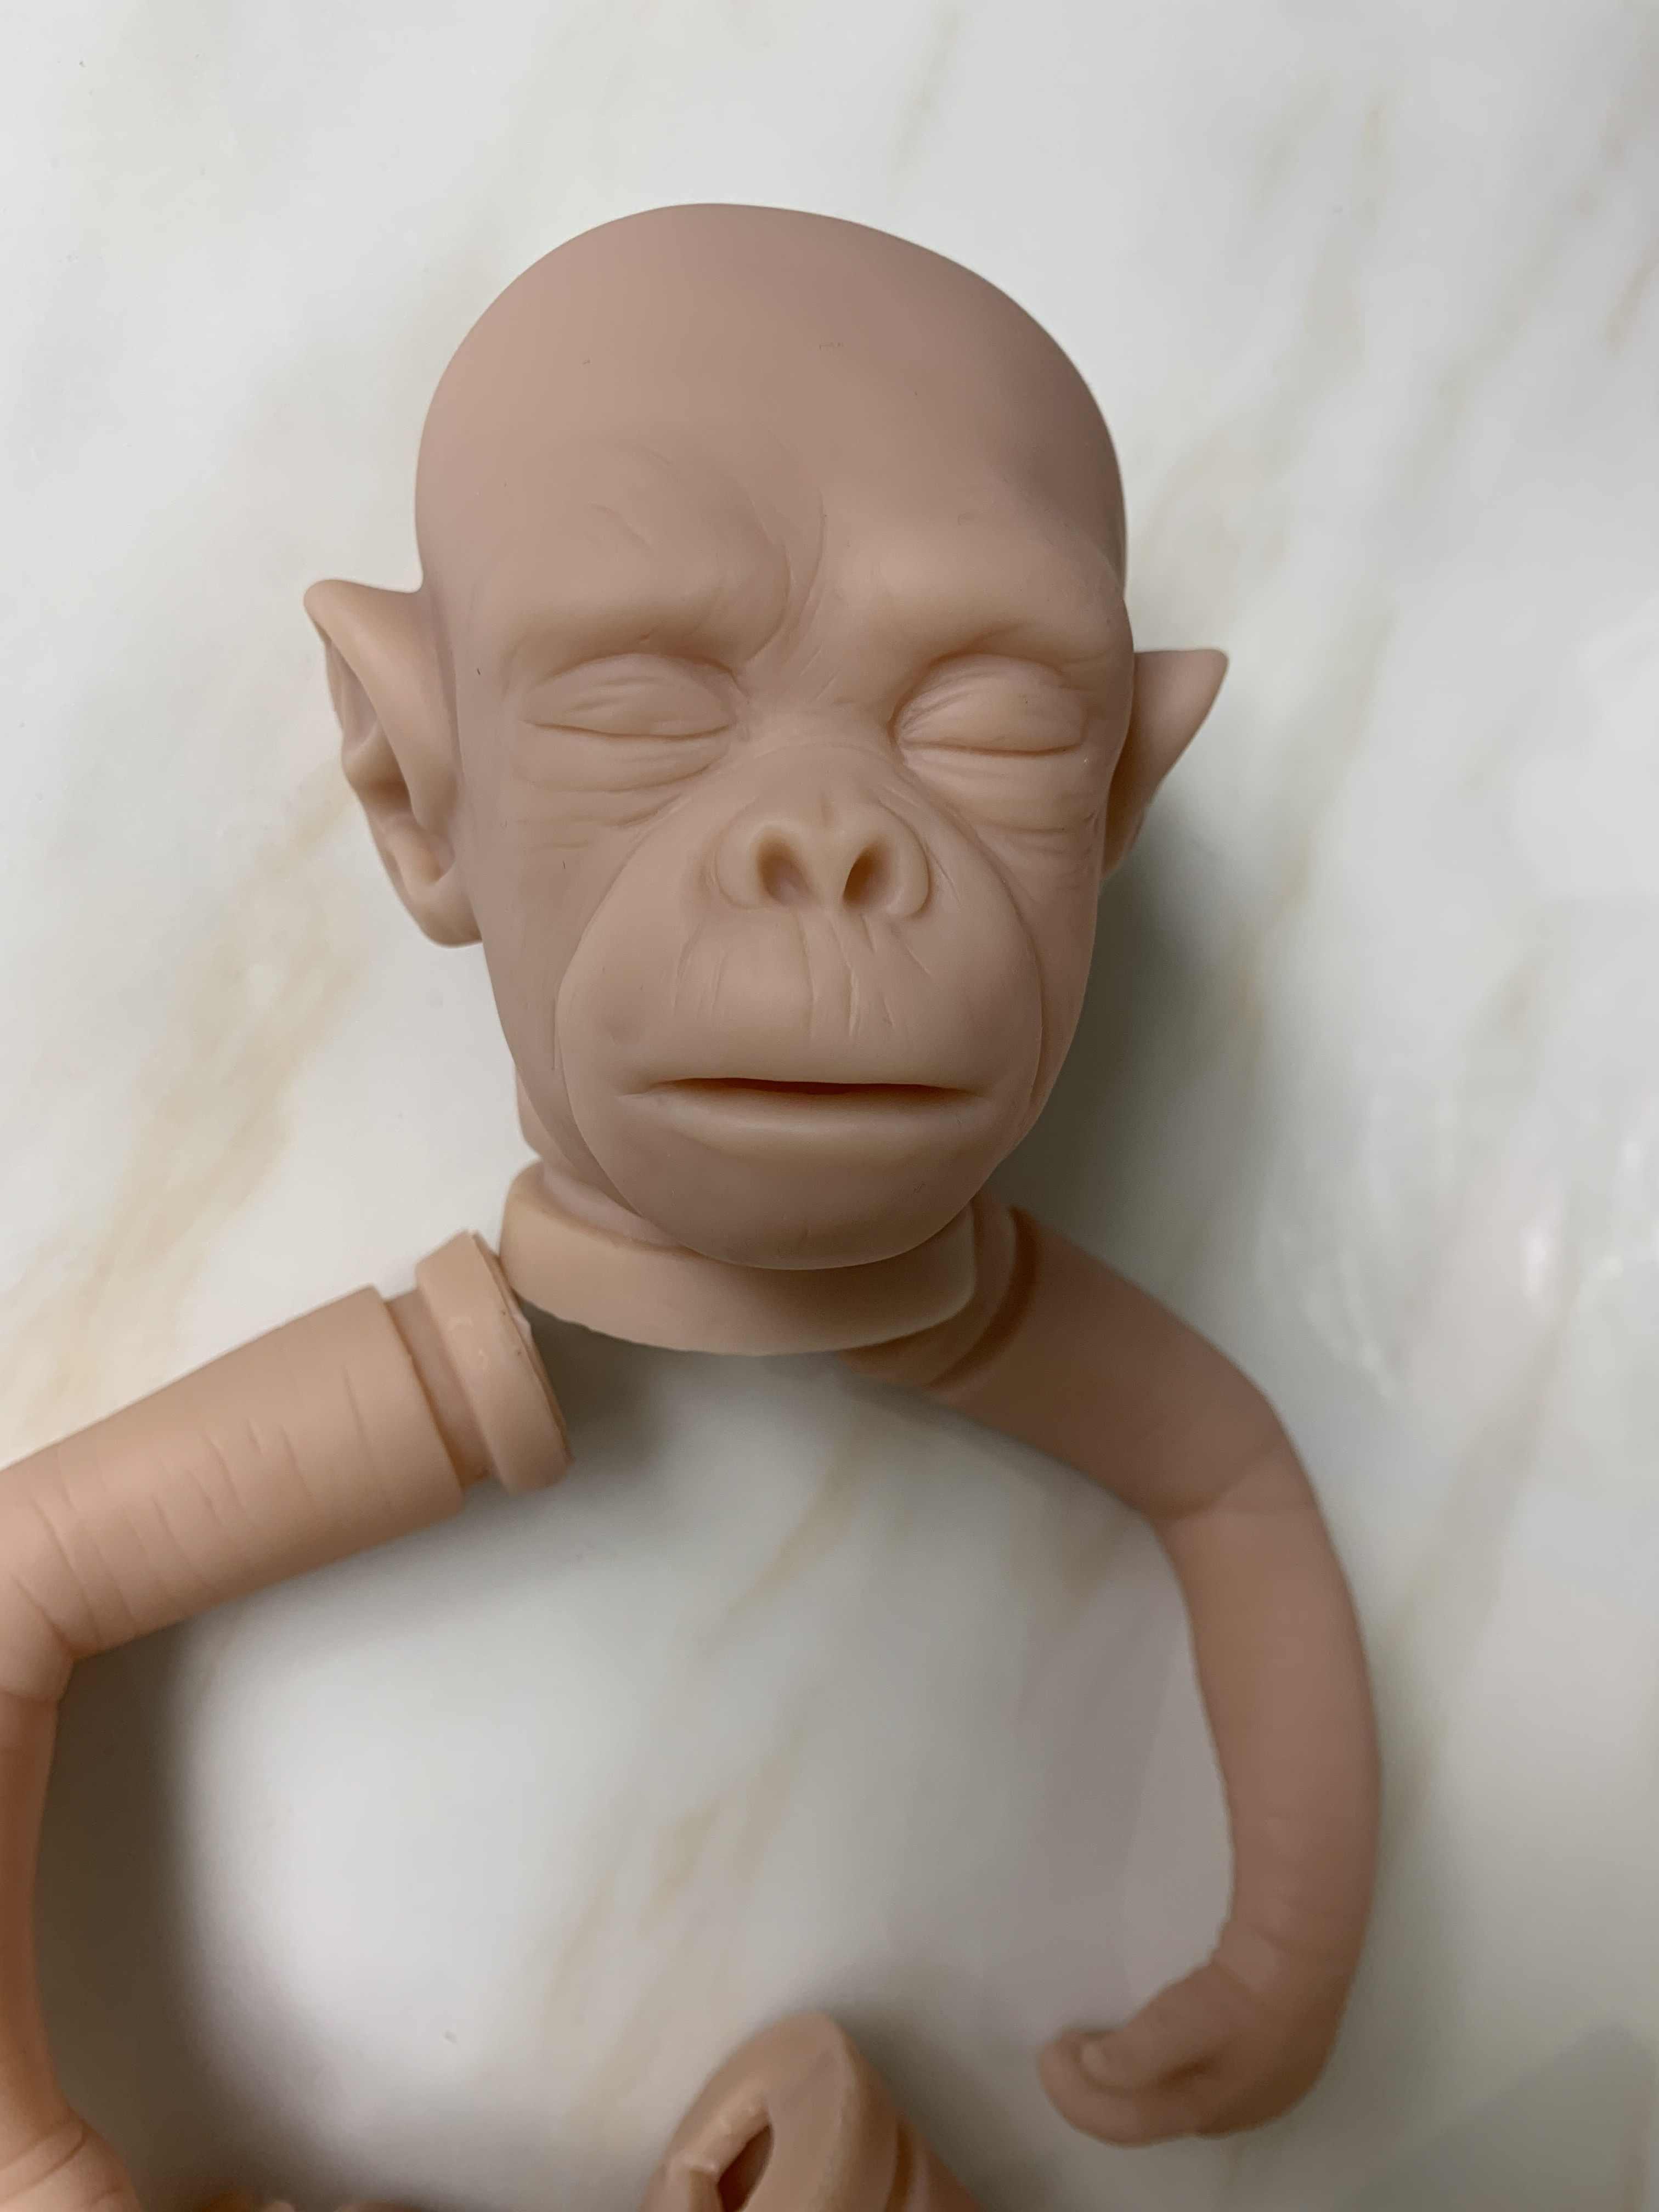 Kit de muñecas reborn aap orangutanes realista artista hecho sin paitar piezas de muñeca en blanco